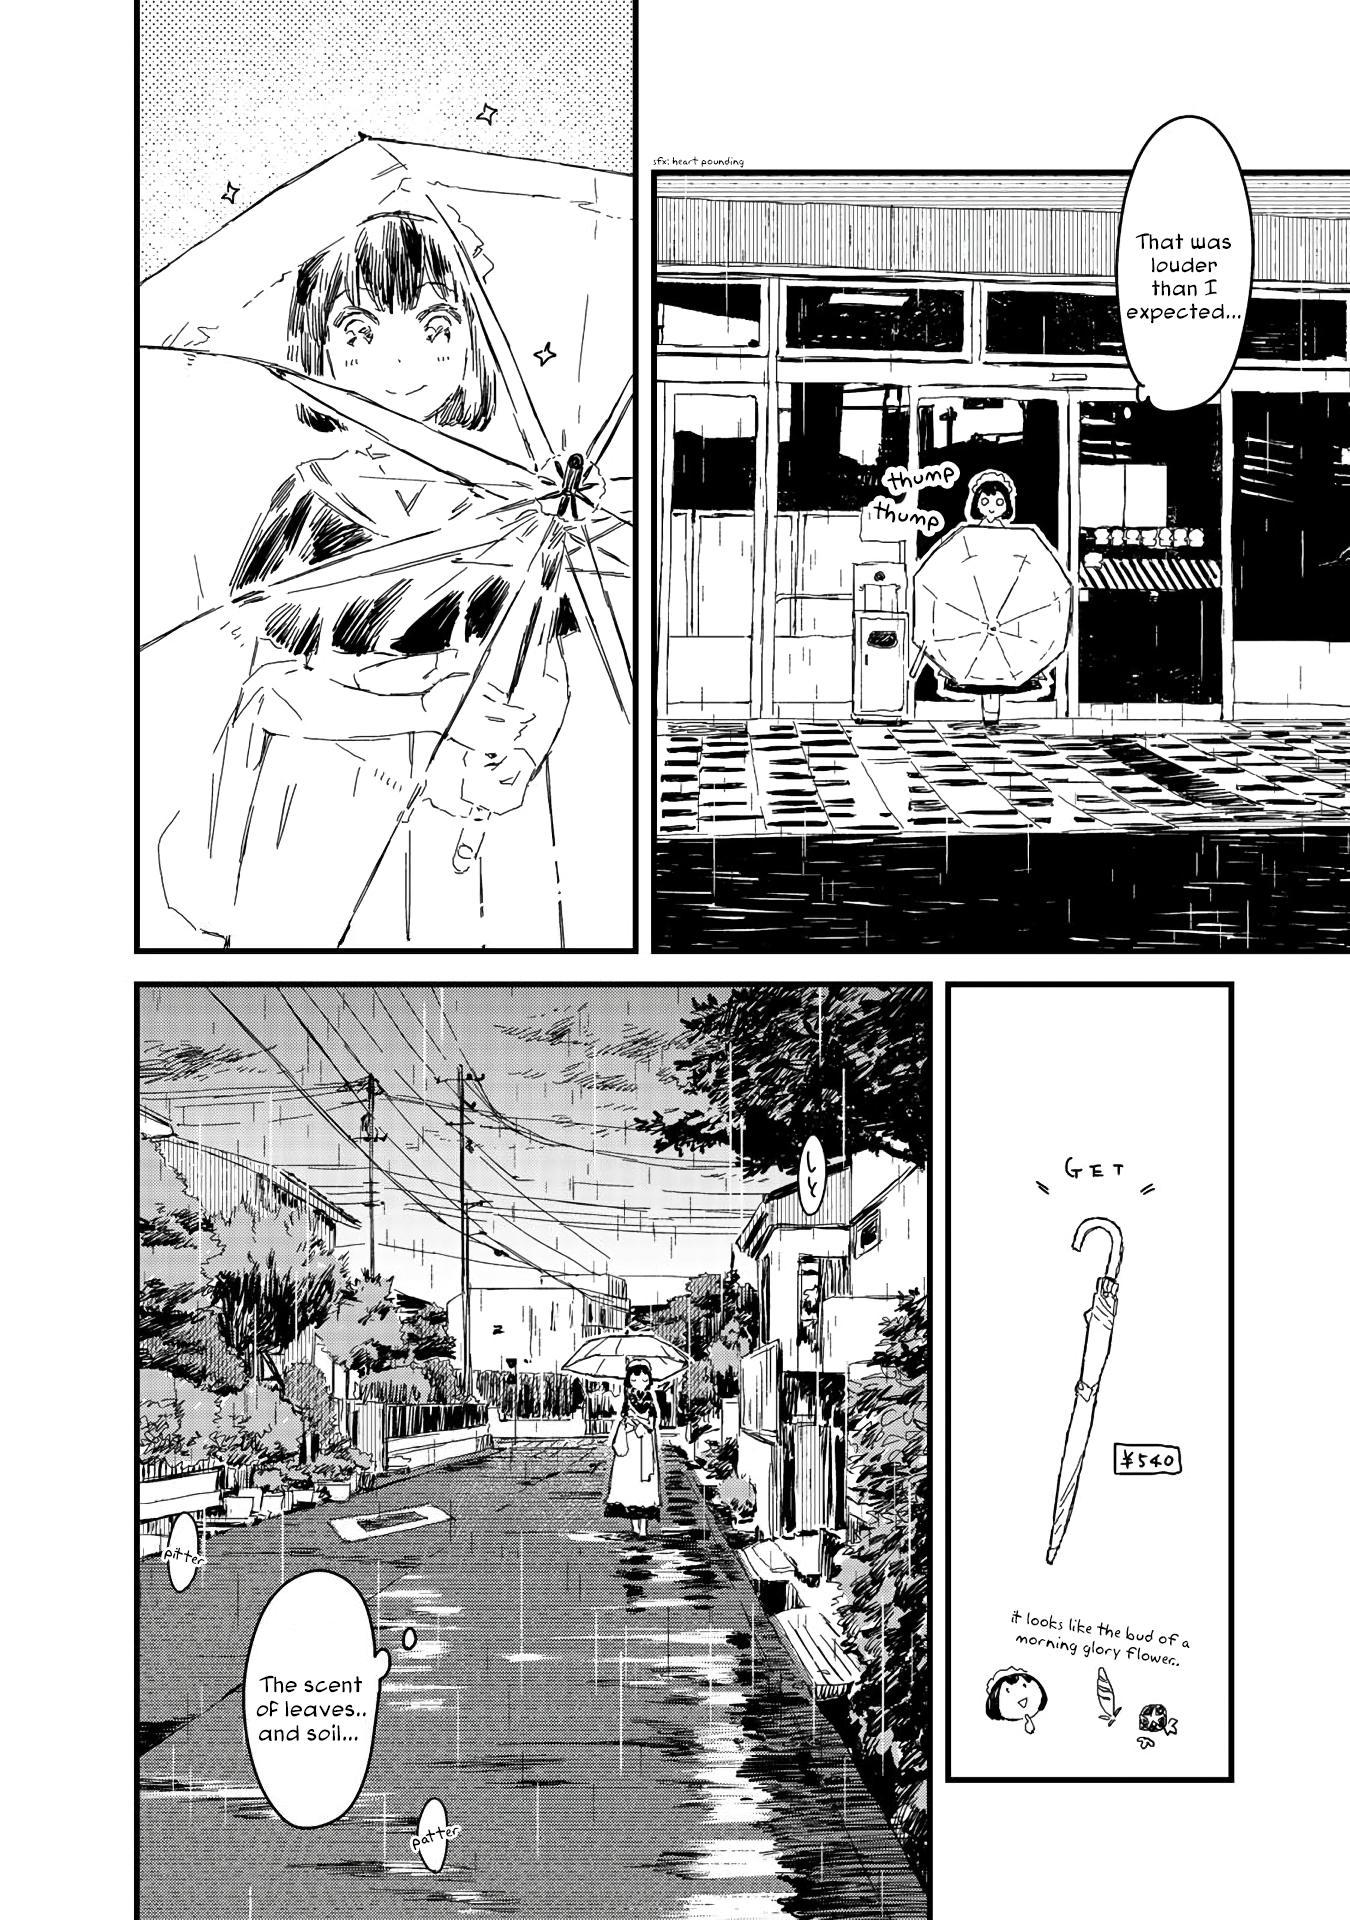 Maid-San Wa Taberu Dake Vol.2 Chapter 19 page 4 - Mangakakalots.com